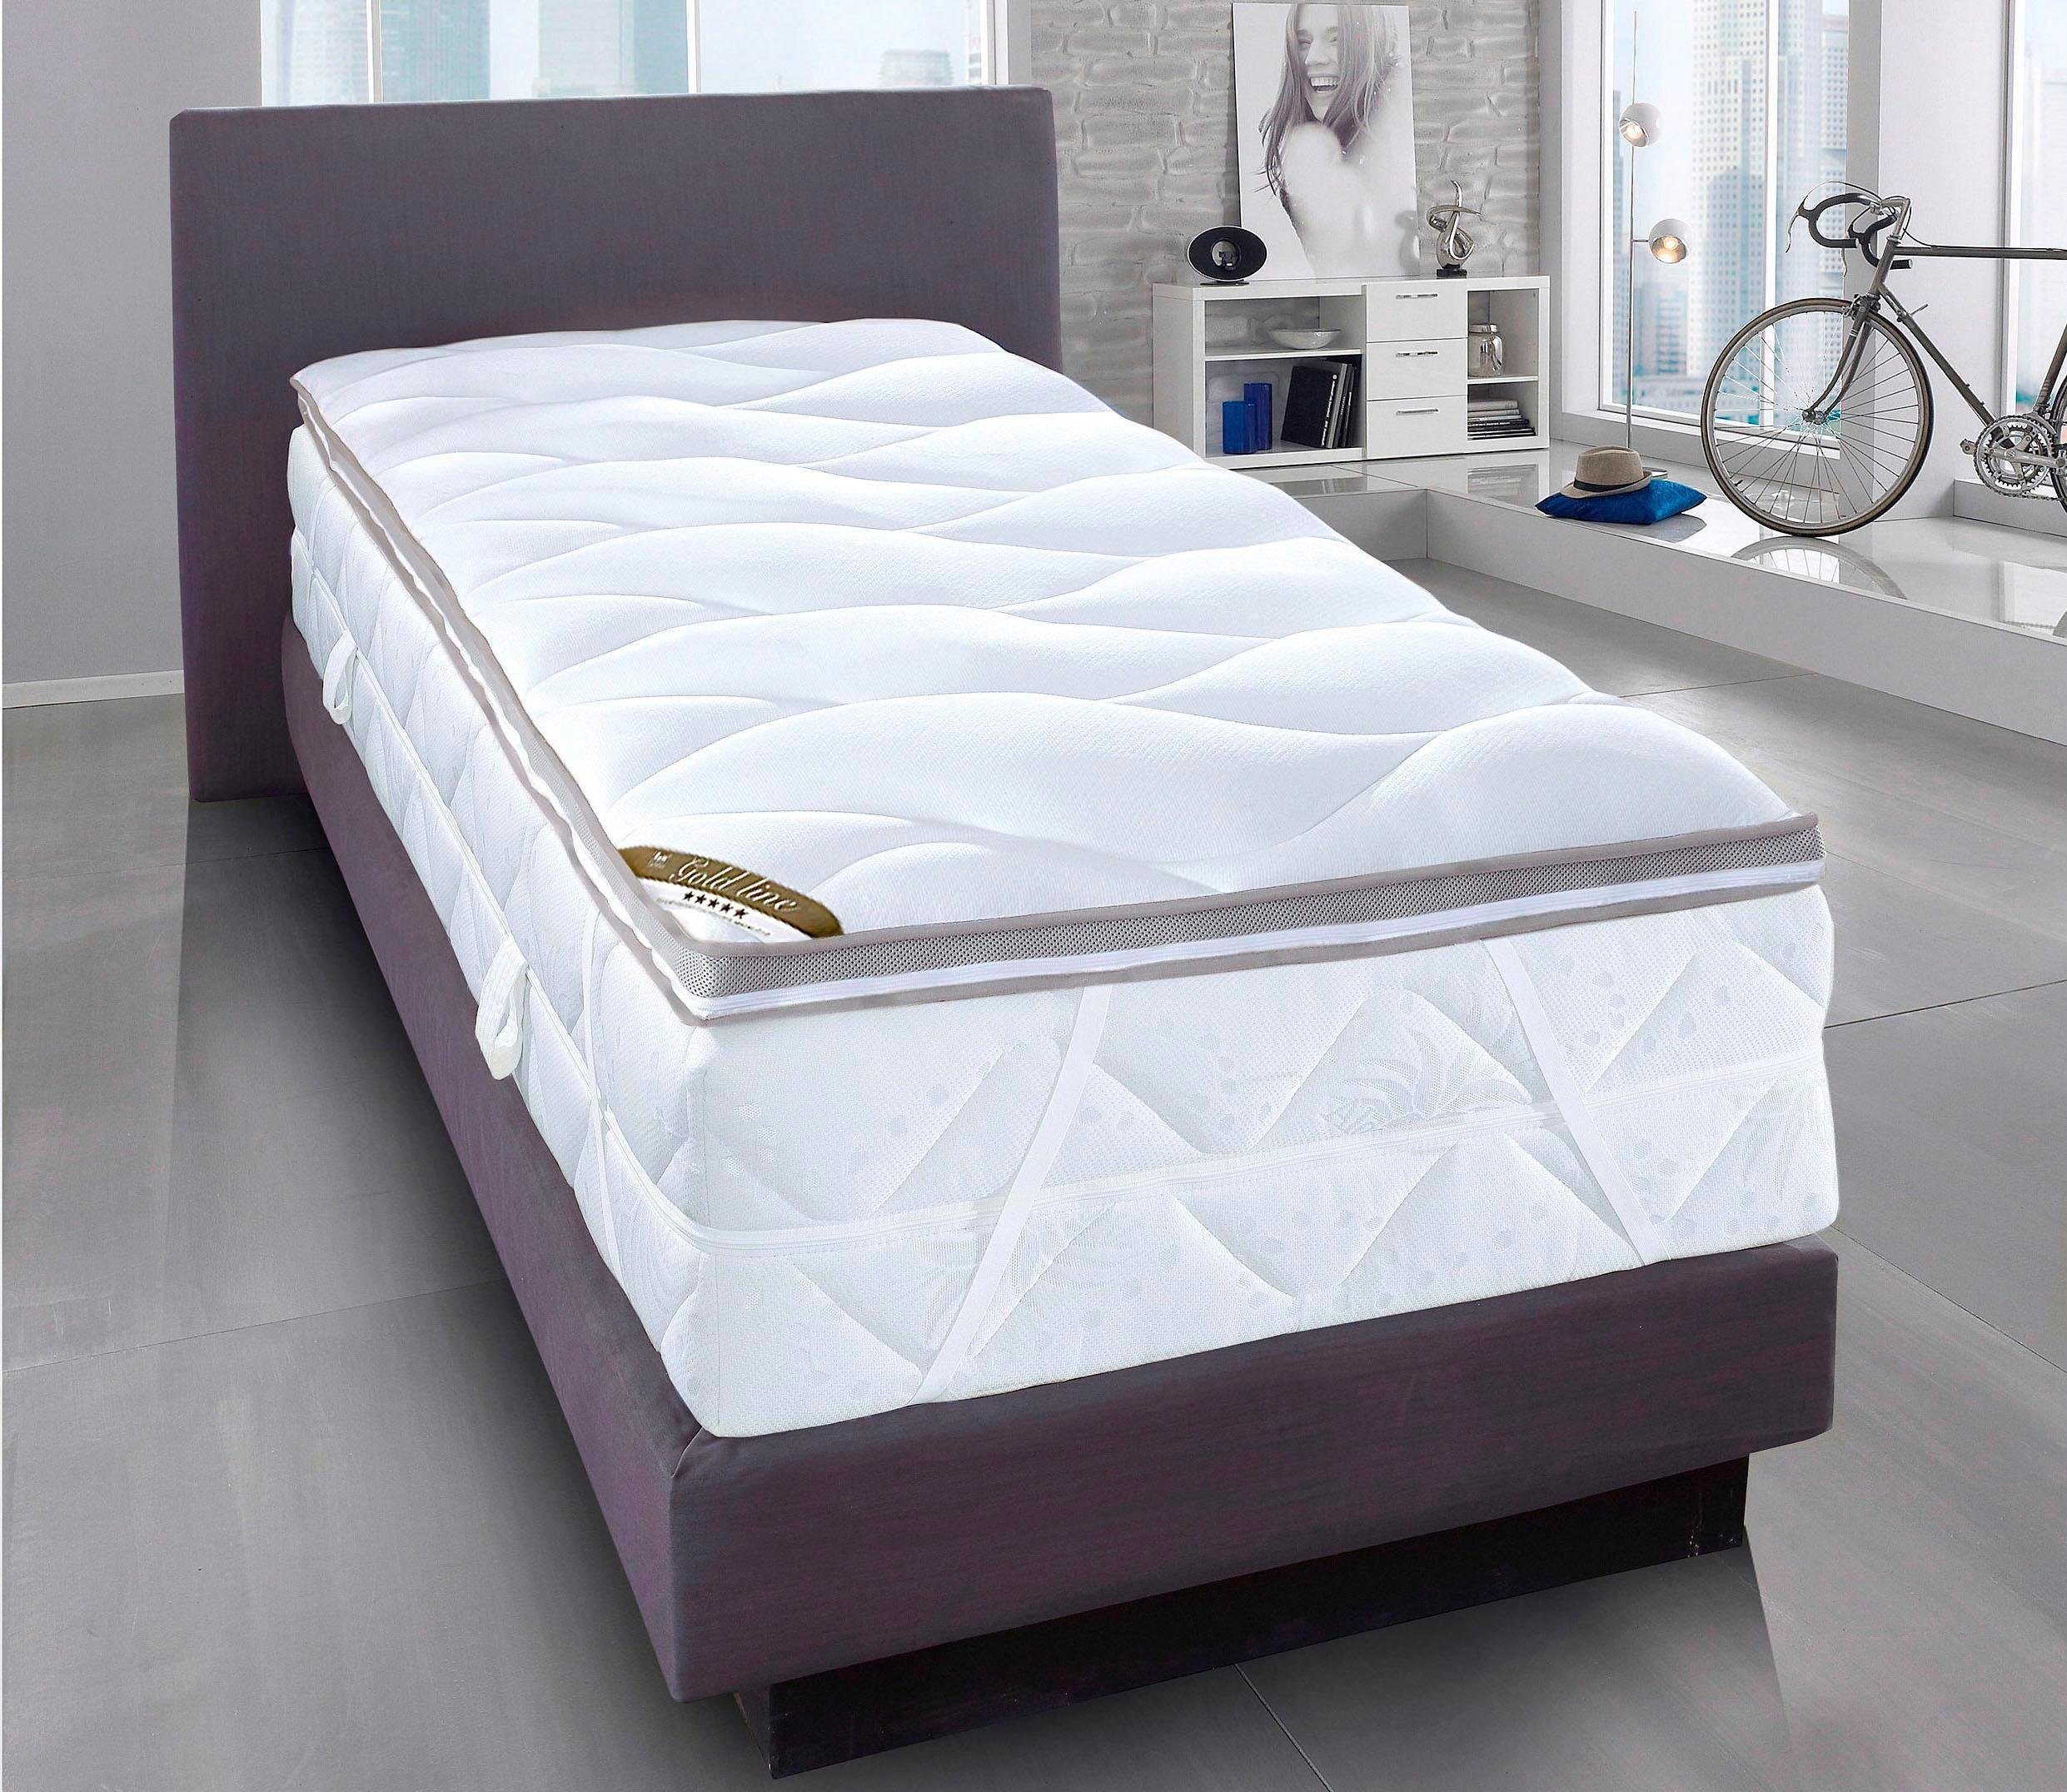 betten 100x200 preisvergleich die besten angebote online kaufen. Black Bedroom Furniture Sets. Home Design Ideas